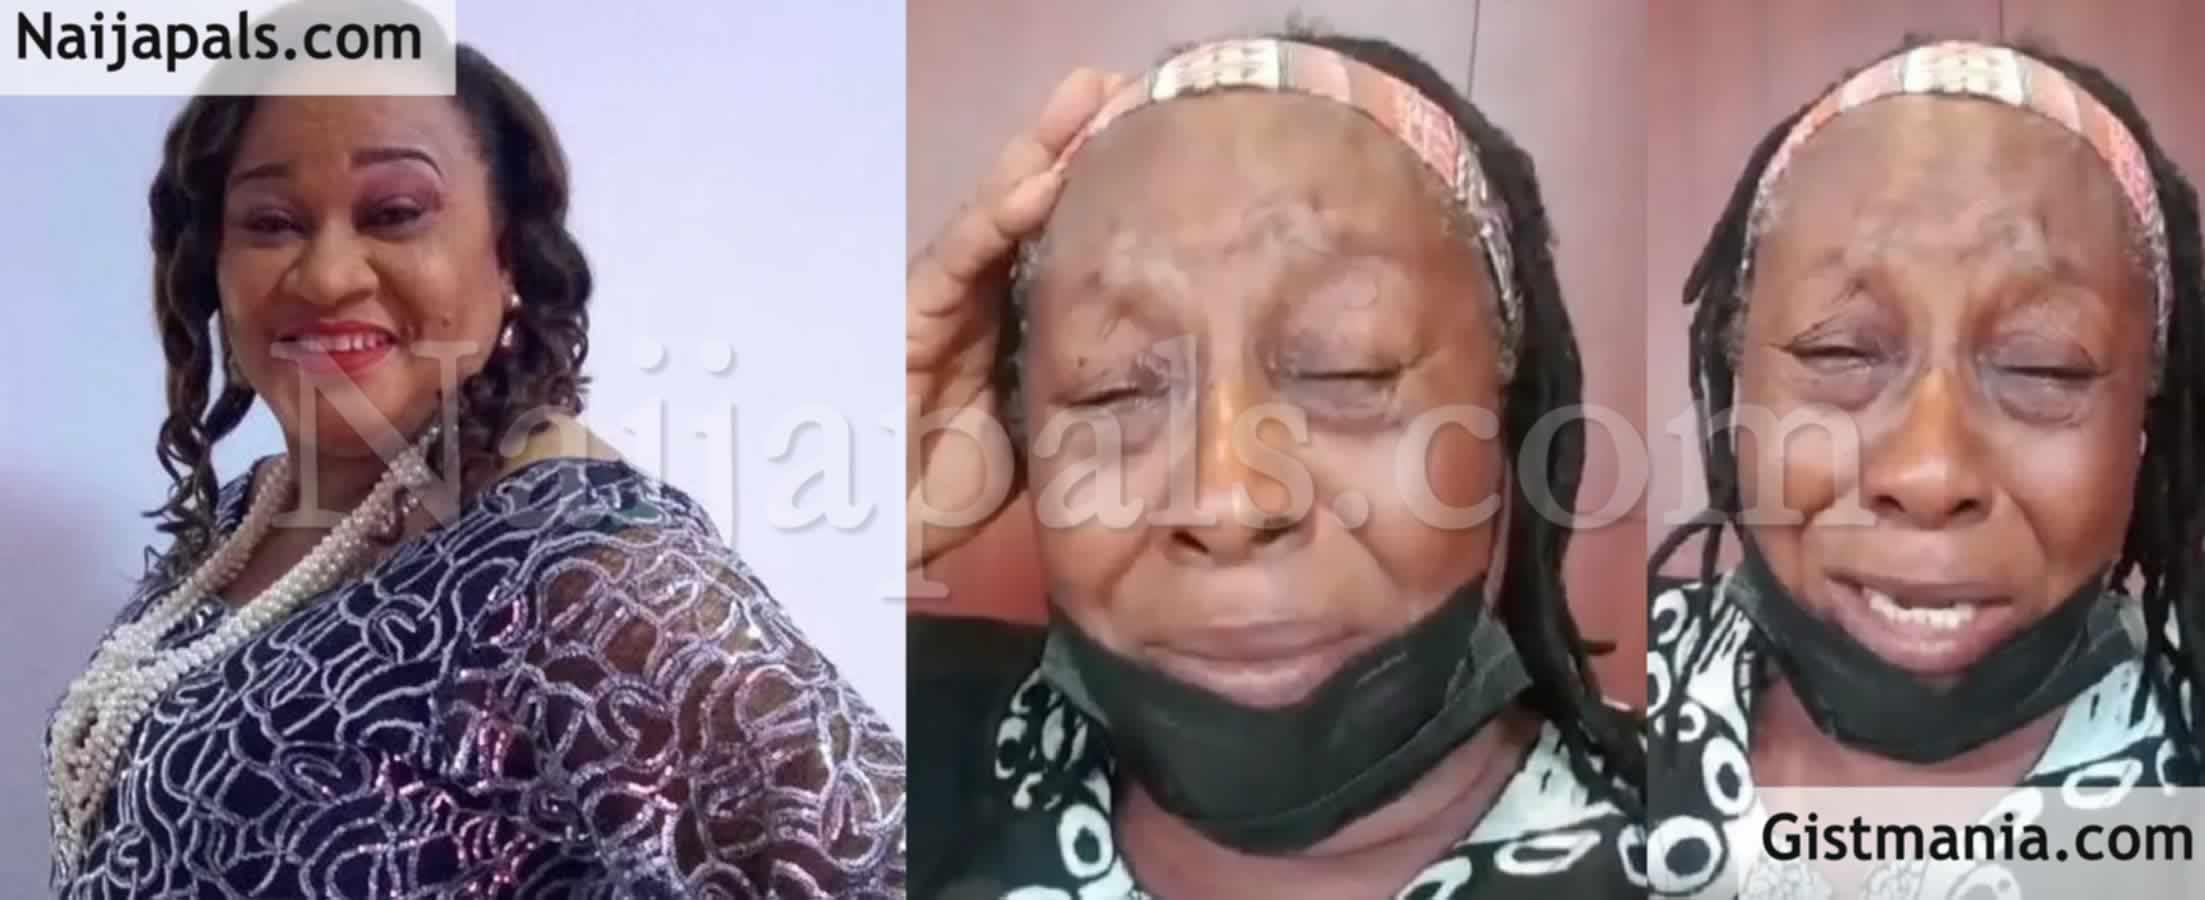 <img alt='.' class='lazyload' data-src='https://img.gistmania.com/emot/cry.gif' /><img alt='.' class='lazyload' data-src='https://img.gistmania.com/emot/video.gif' /> <b>Actress, Patience Ozokwo Breaks Down In Tears As She Mourns Her Friend, Rachel Oniga</b> (Video)